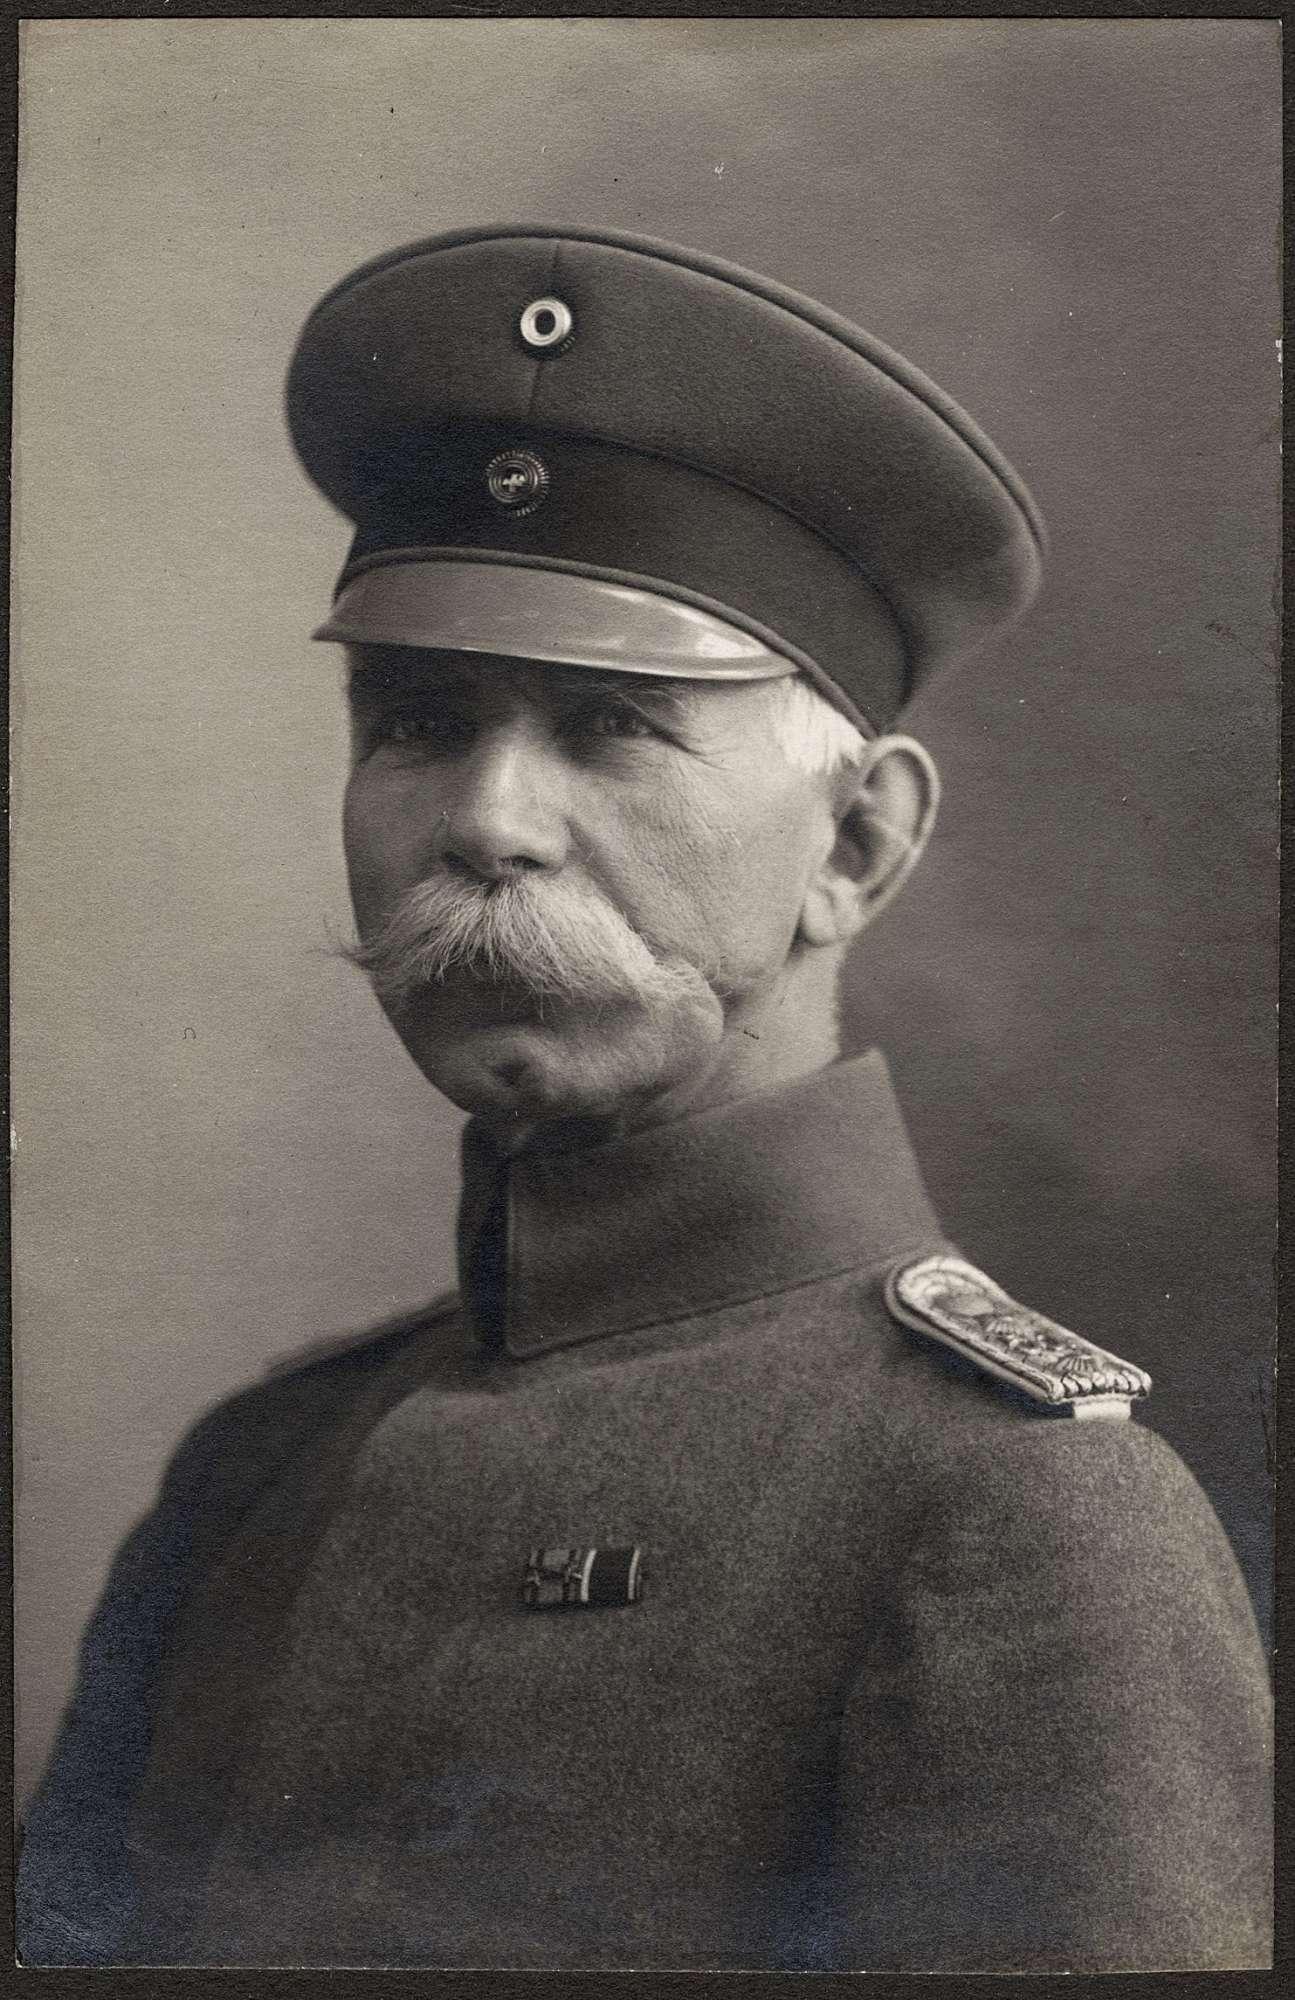 Hölder, Eberhard, Bild 1